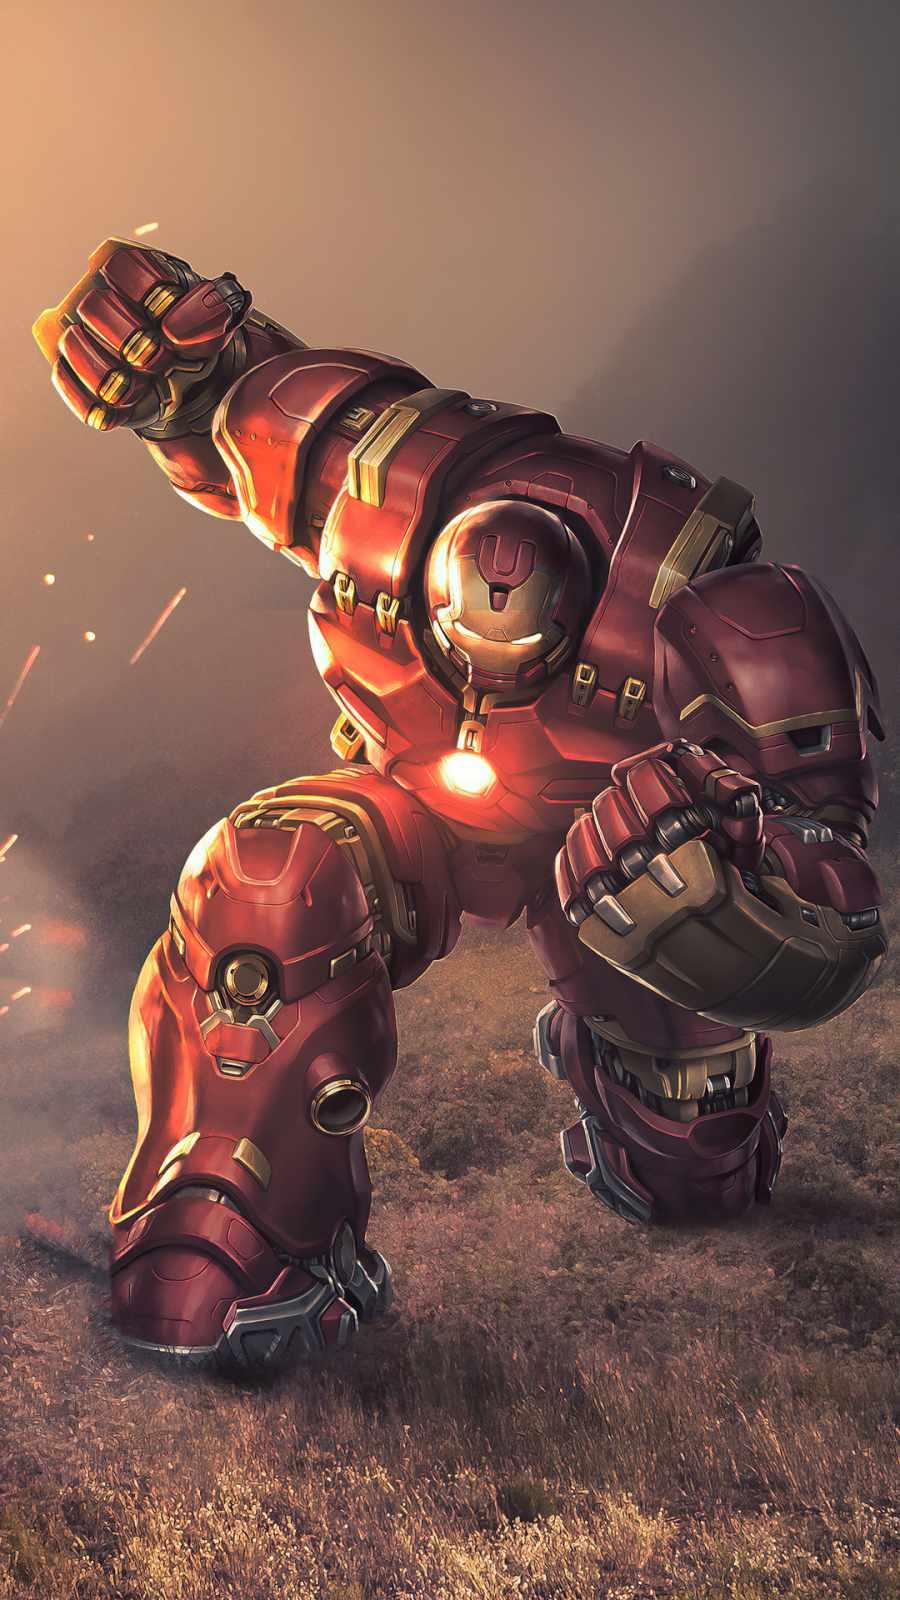 hulkbuster action